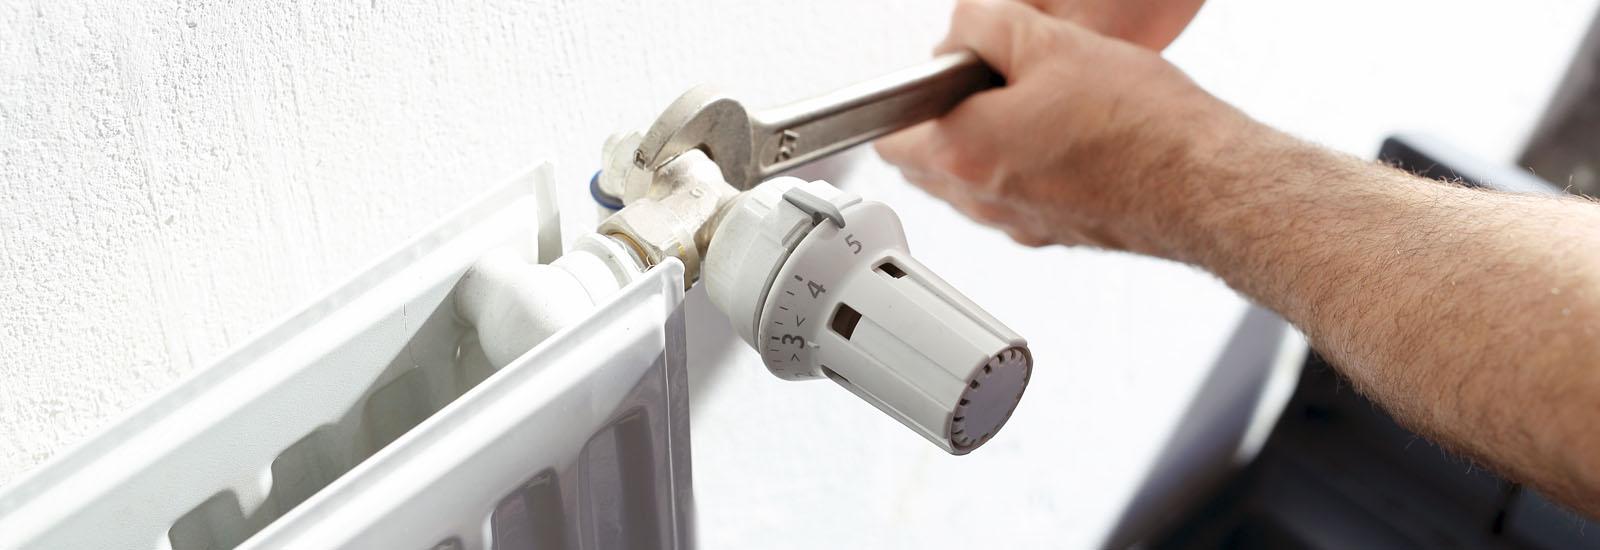 Les problèmes en plomberie ? Comment les résoudre ?